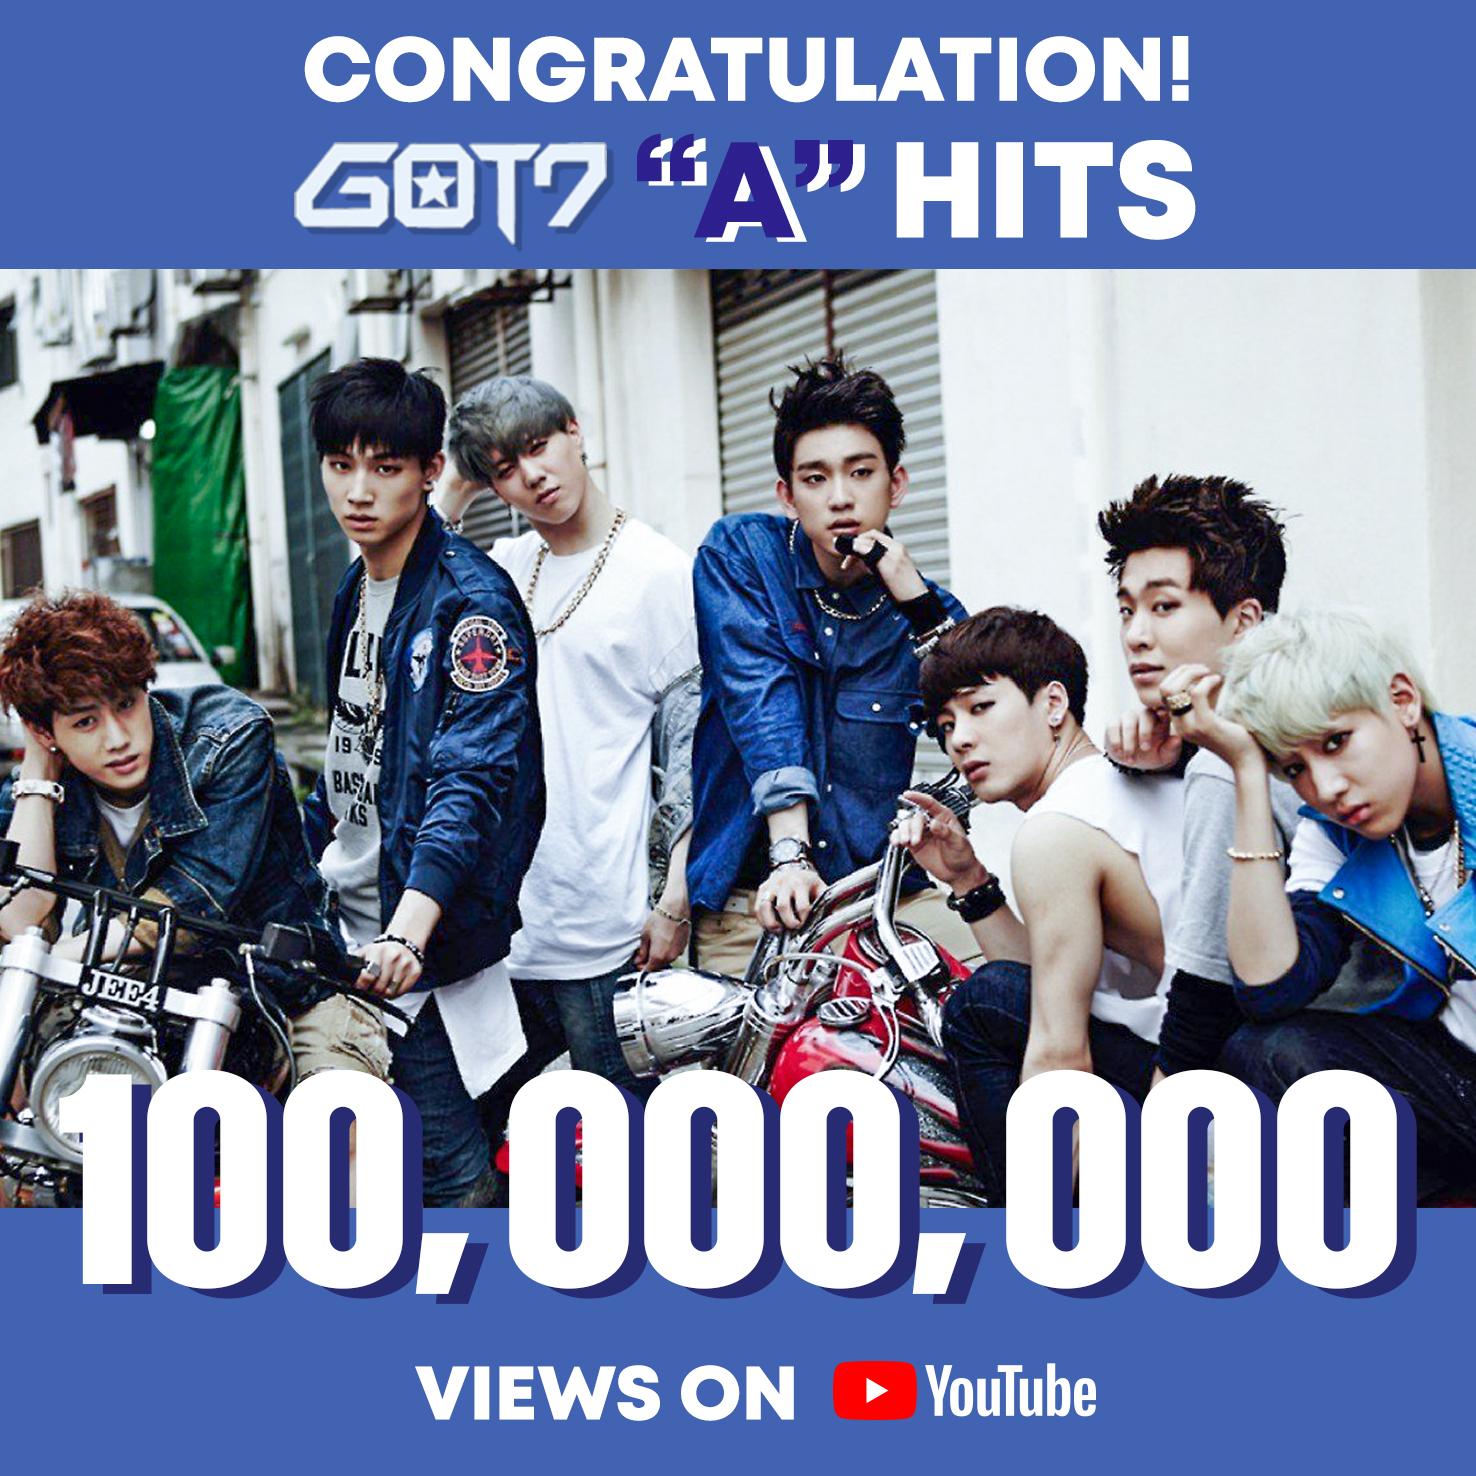 갓세븐, 'A' 뮤직비디오 유튜브 1억 뷰 돌파 '통산 4번째 기록'